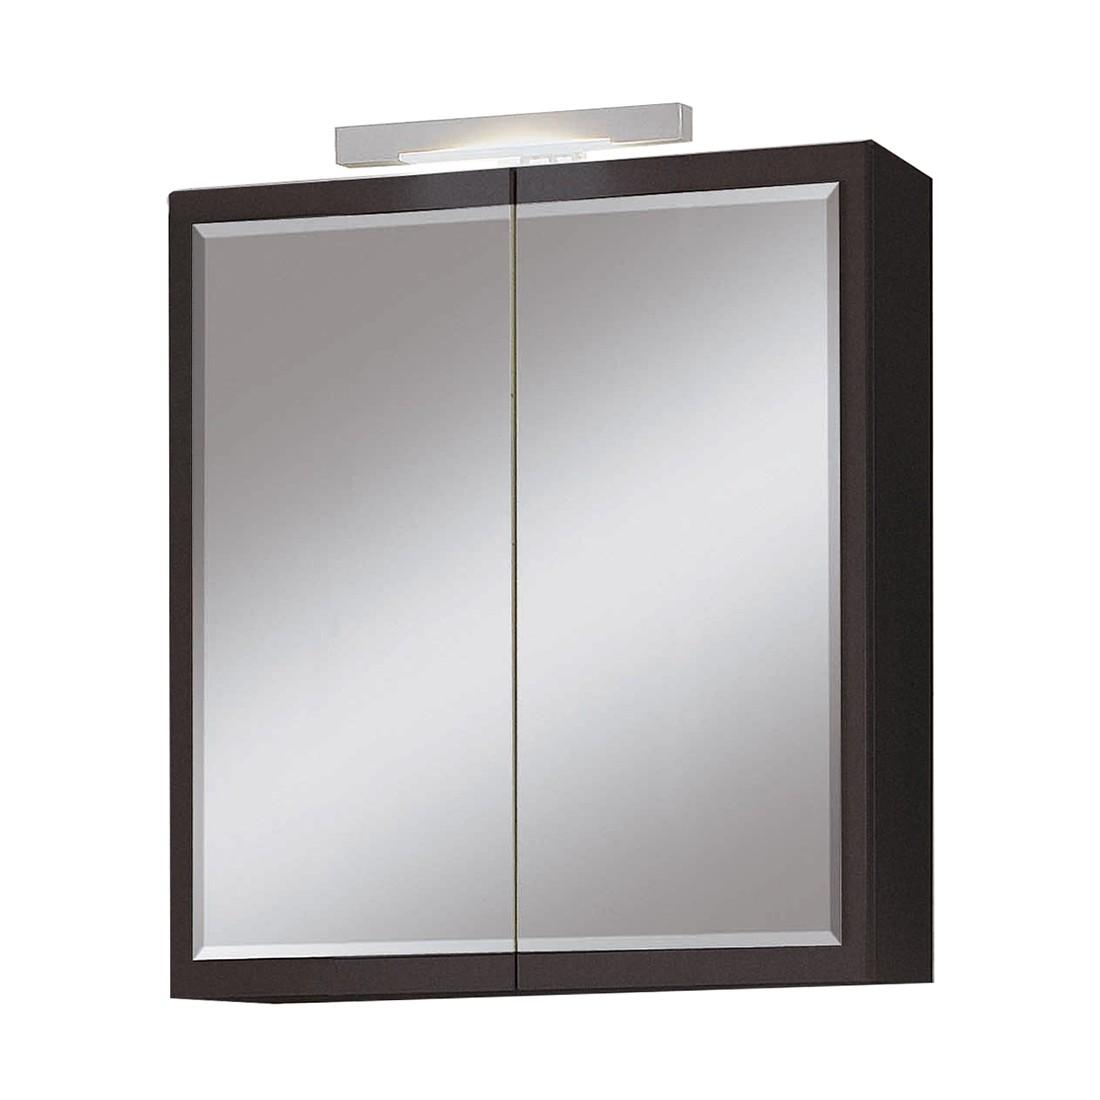 Spiegelschrank helsinki anthrazit for Spiegelschrank anthrazit